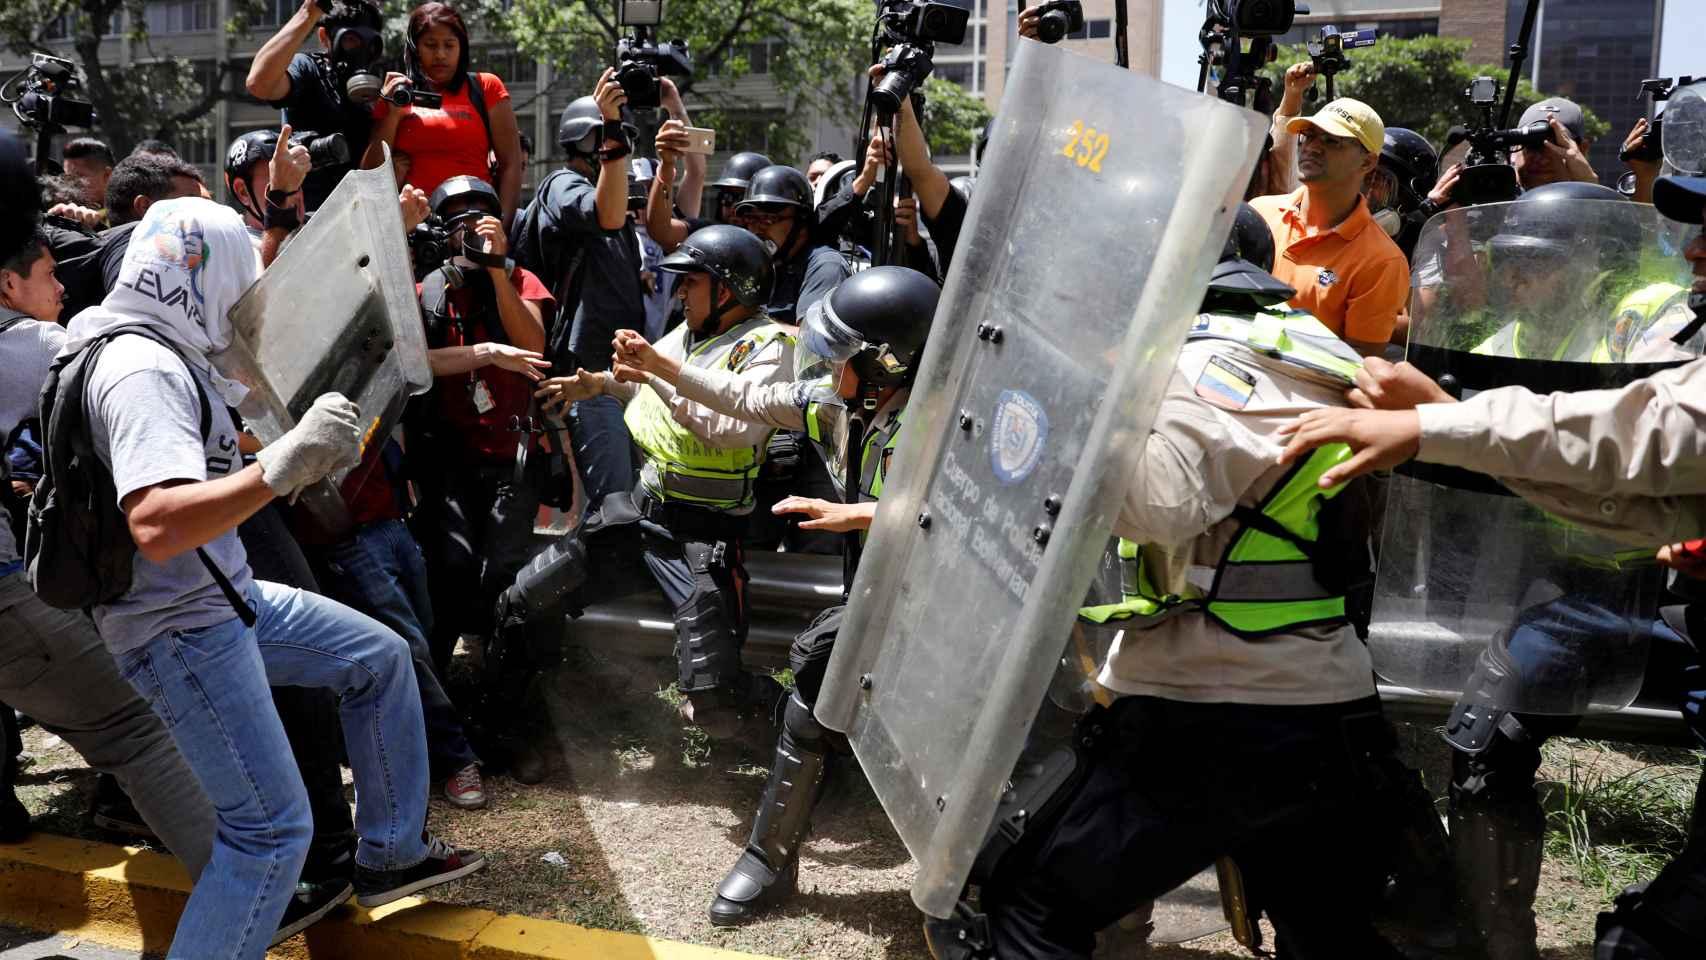 Las autoridades venezolanas impiden una marcha opositora en Caracas